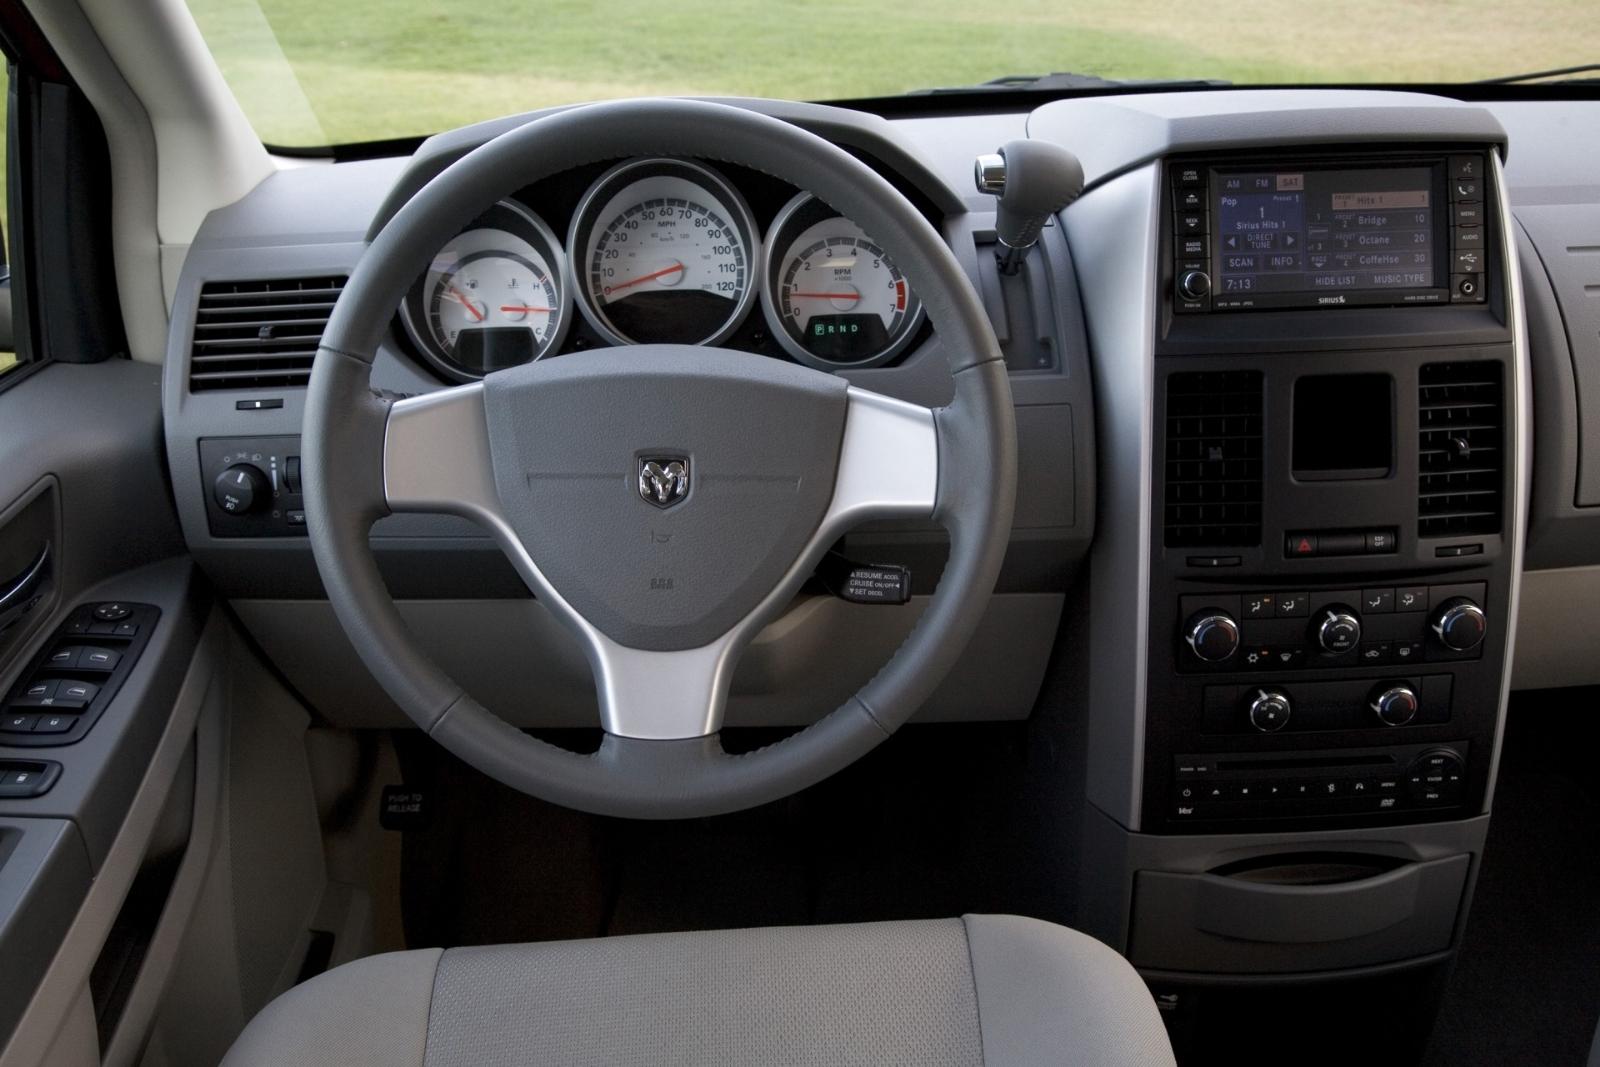 2008 Dodge Grand Caravan Image Https Www Conceptcarz